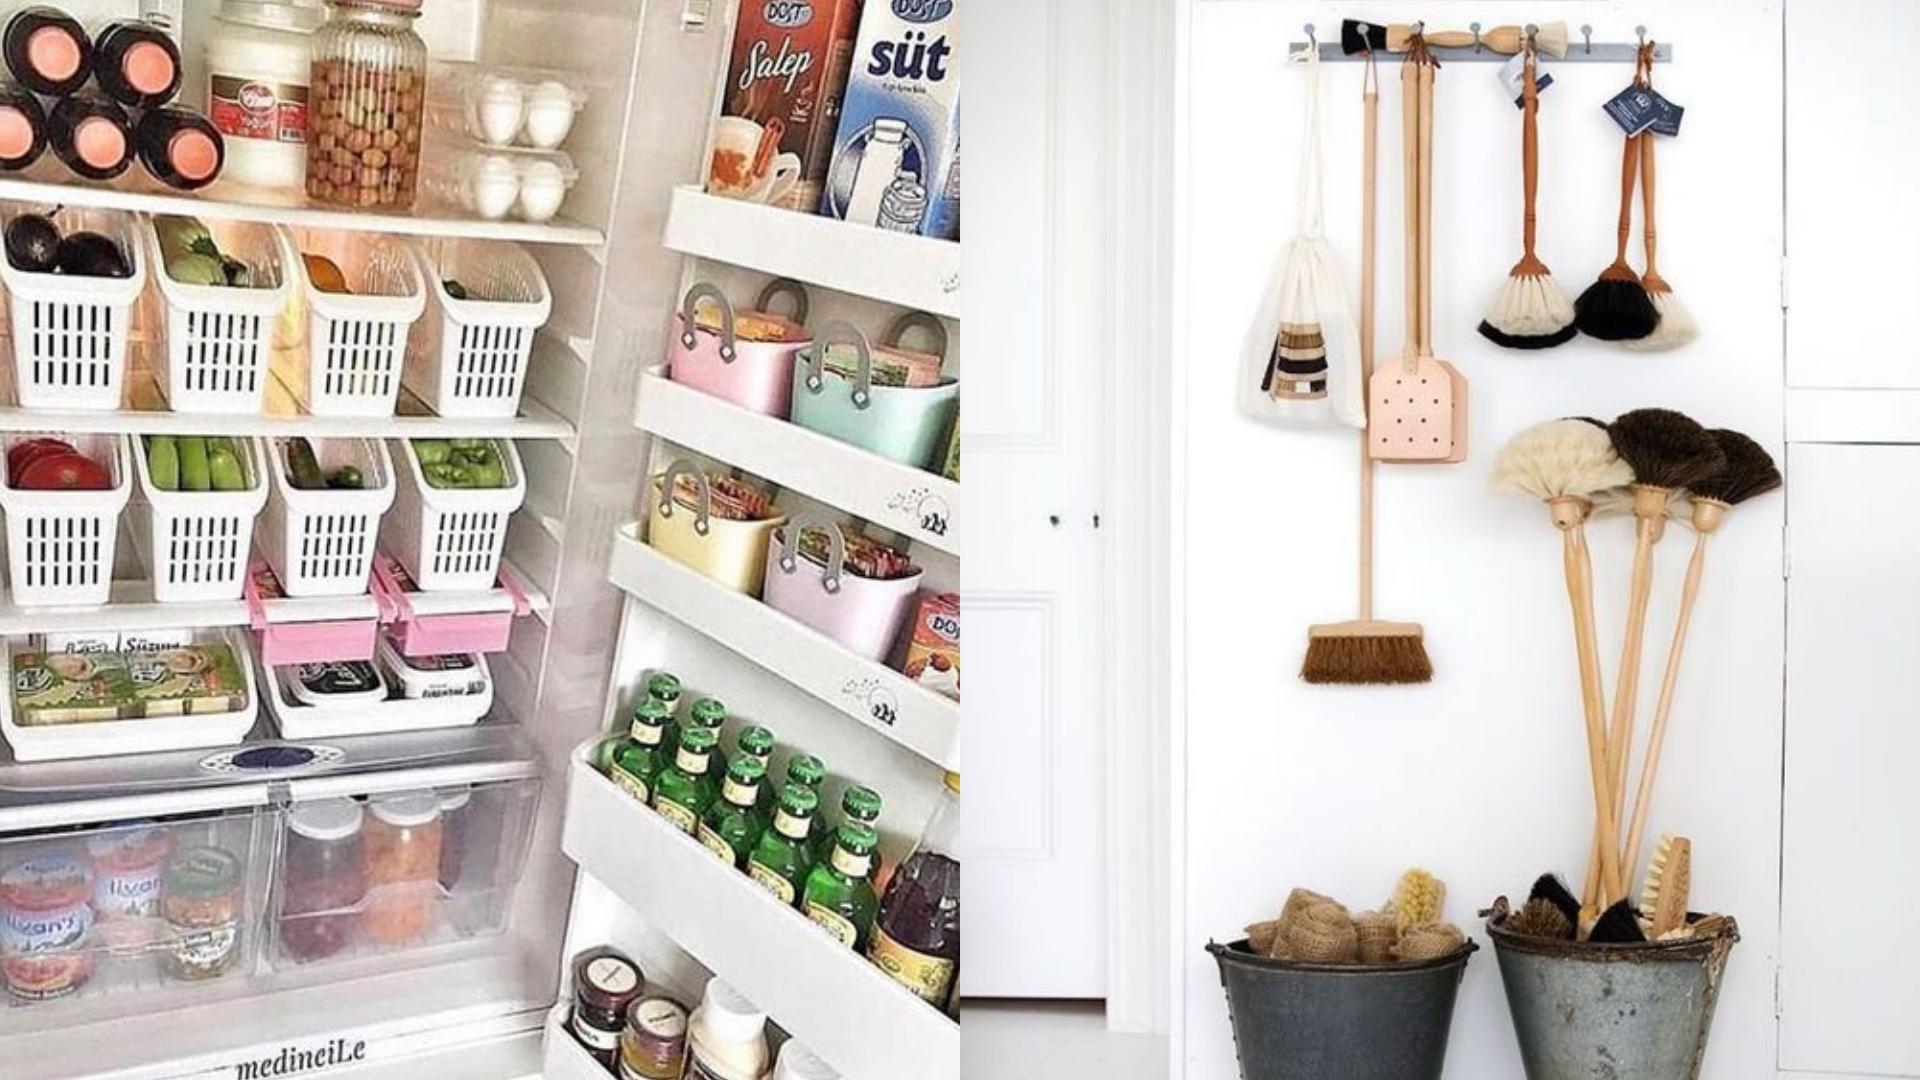 防疫期間把家裡打掃乾淨整個人更清爽也不容易藏污納垢!